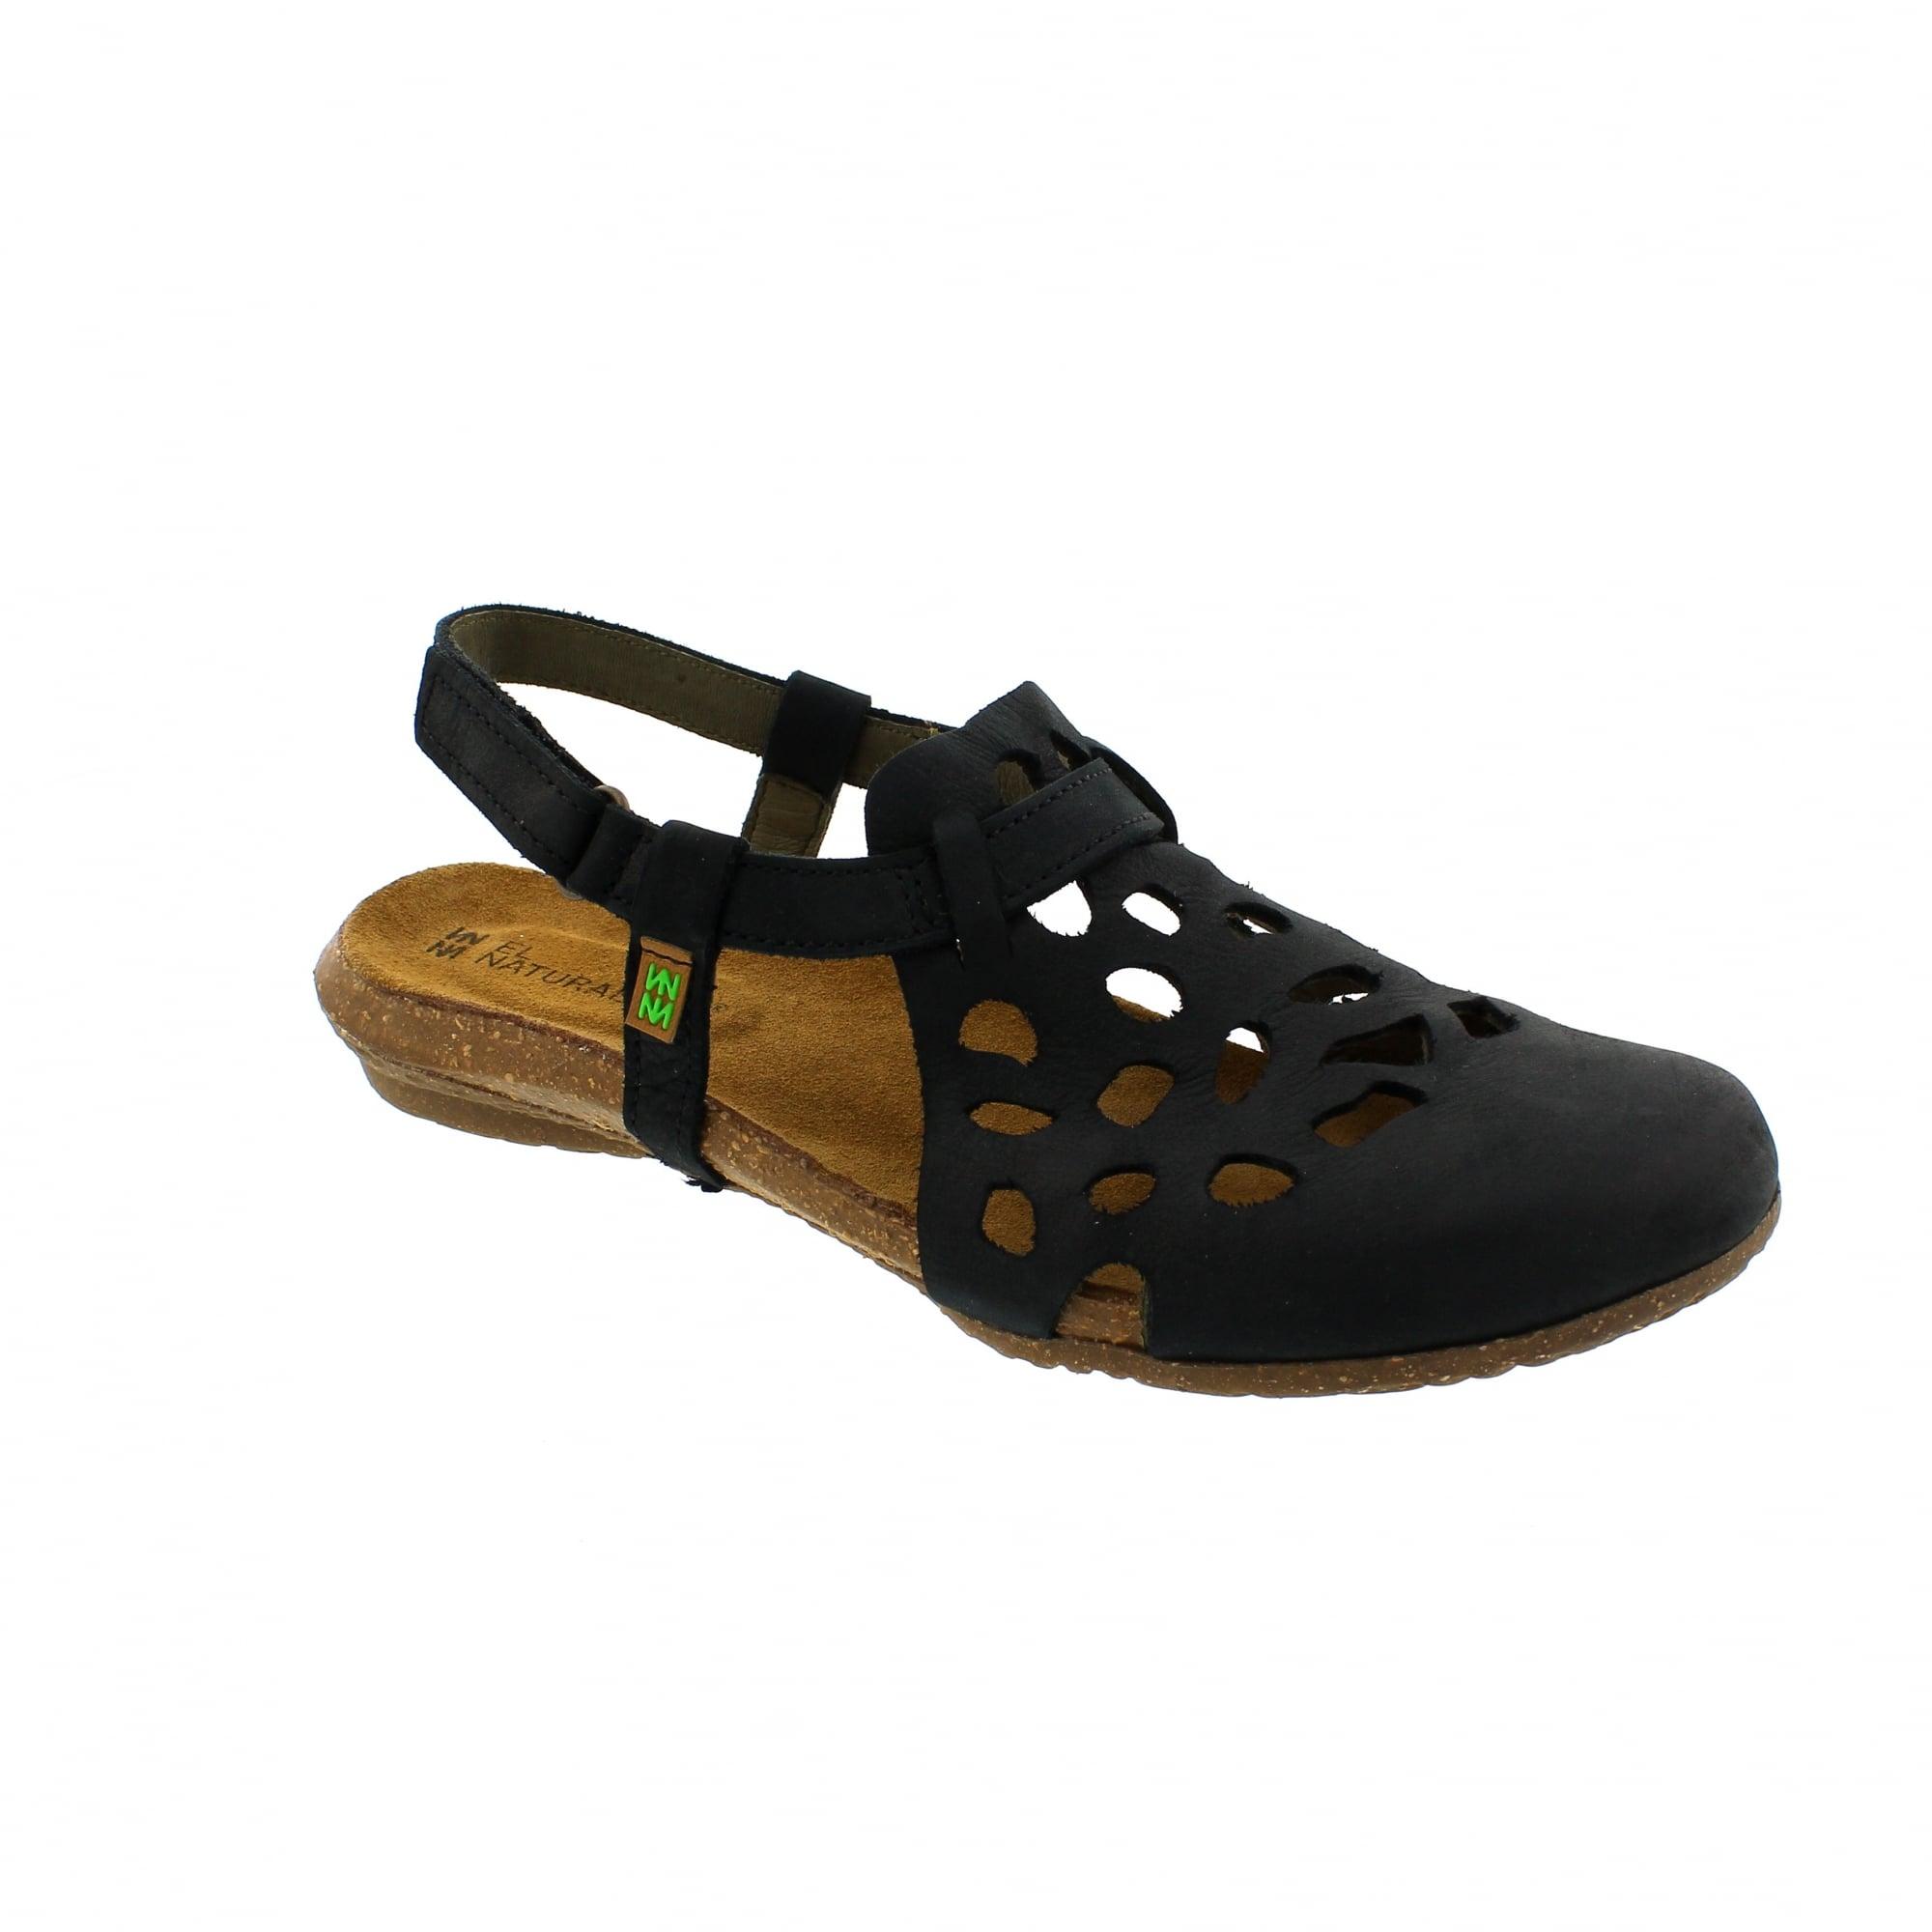 70336050c23b9 El Naturalista Wakataua N5063 Black Womens Sandals